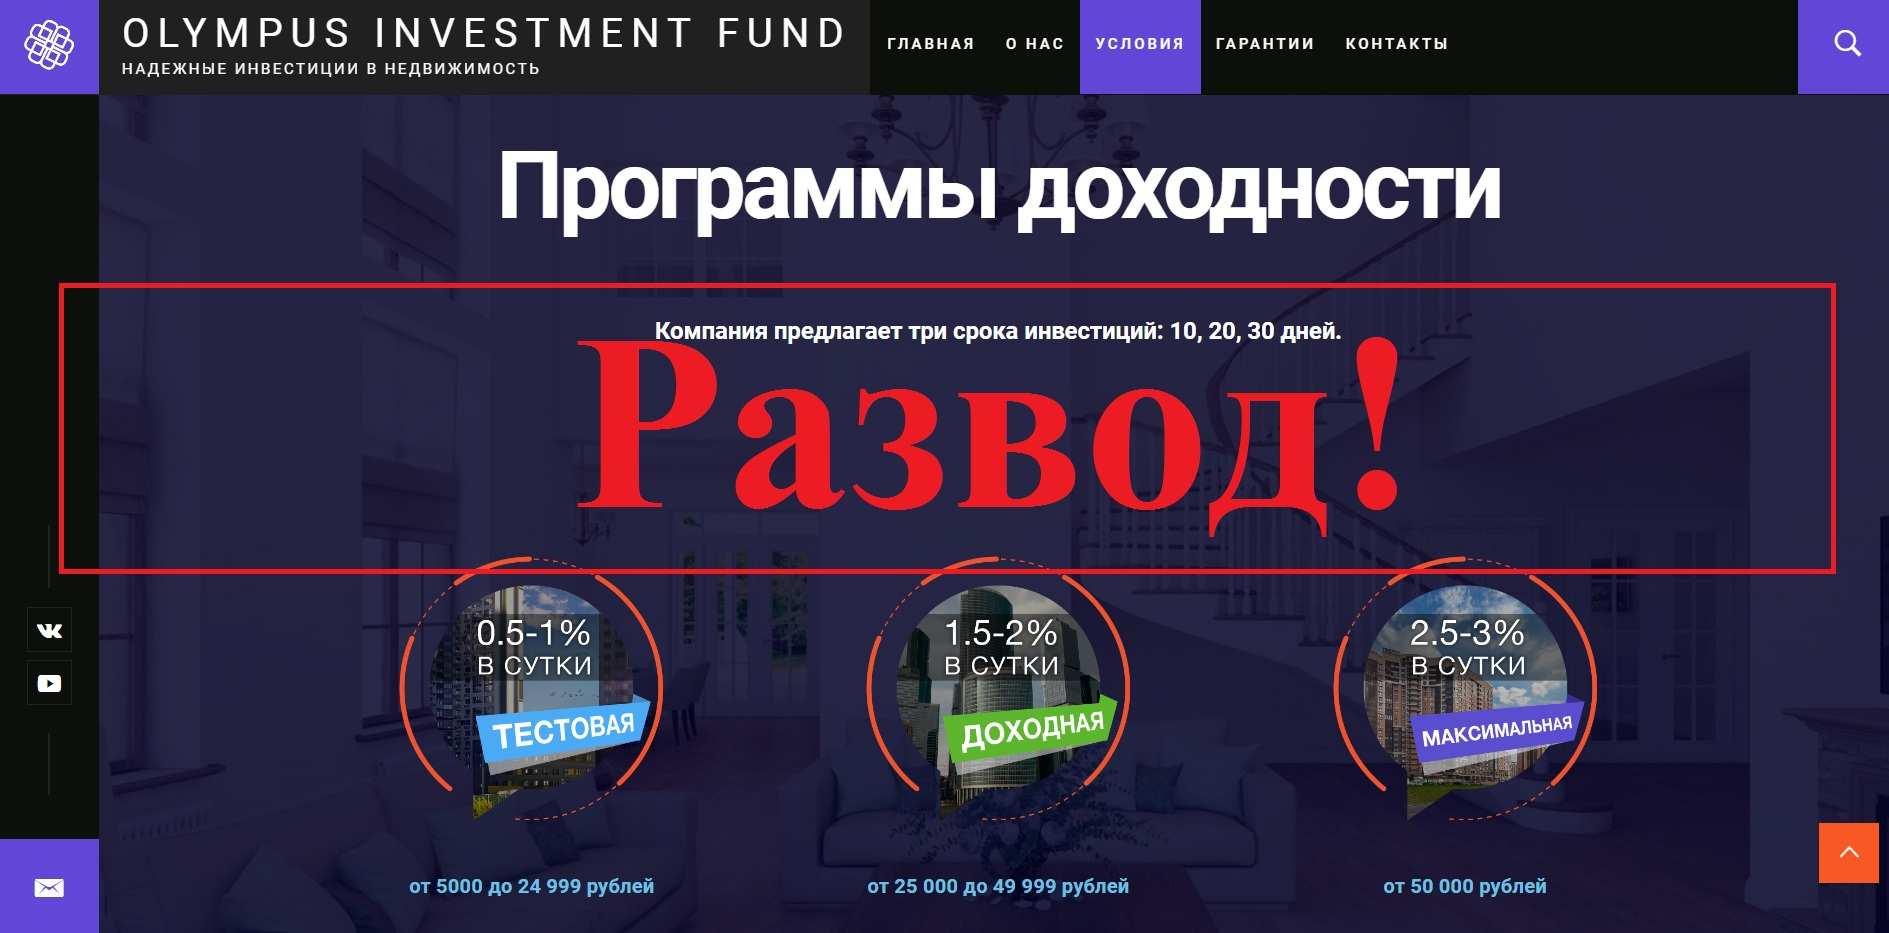 Olympus – инвестиции в недвижимость с olympusif.com. Отзывы